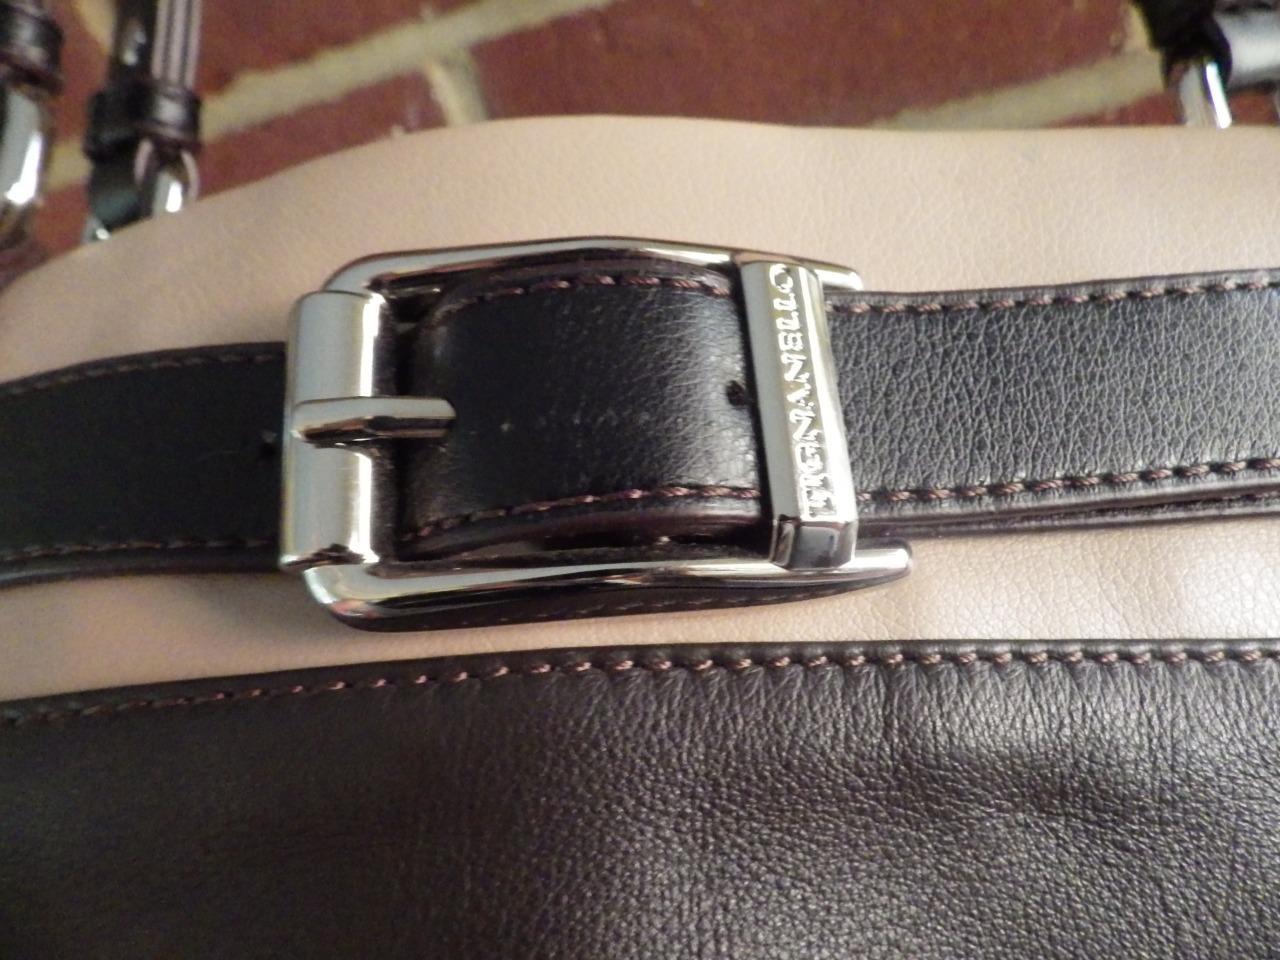 TIGNANELLO Brown and Tan Leather Handbag Shoulderbag Buckle Excellent - $24.74